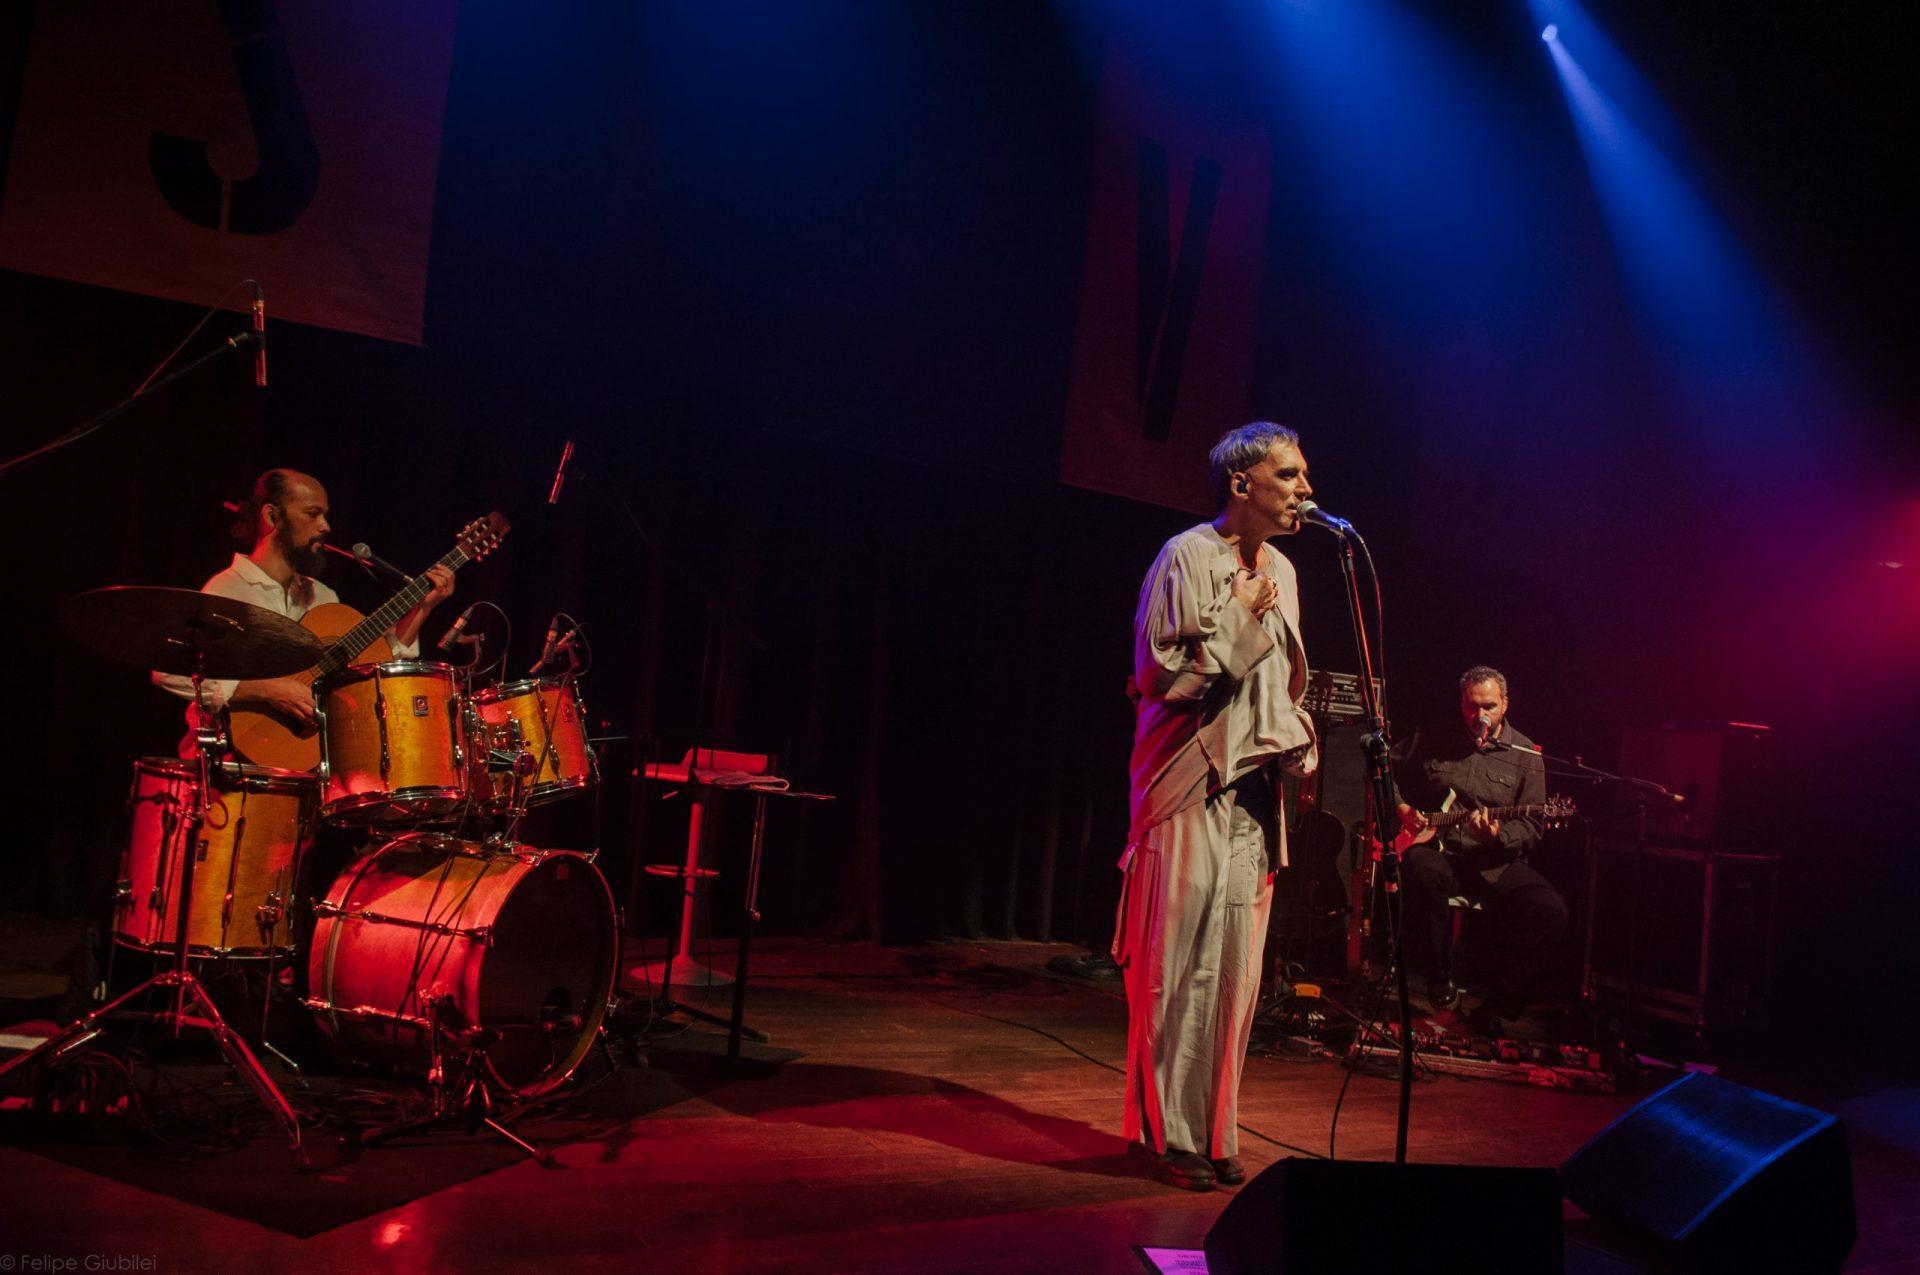 Imagem 11 do Evento Arnaldo Antunes no show Rstuvxz trio